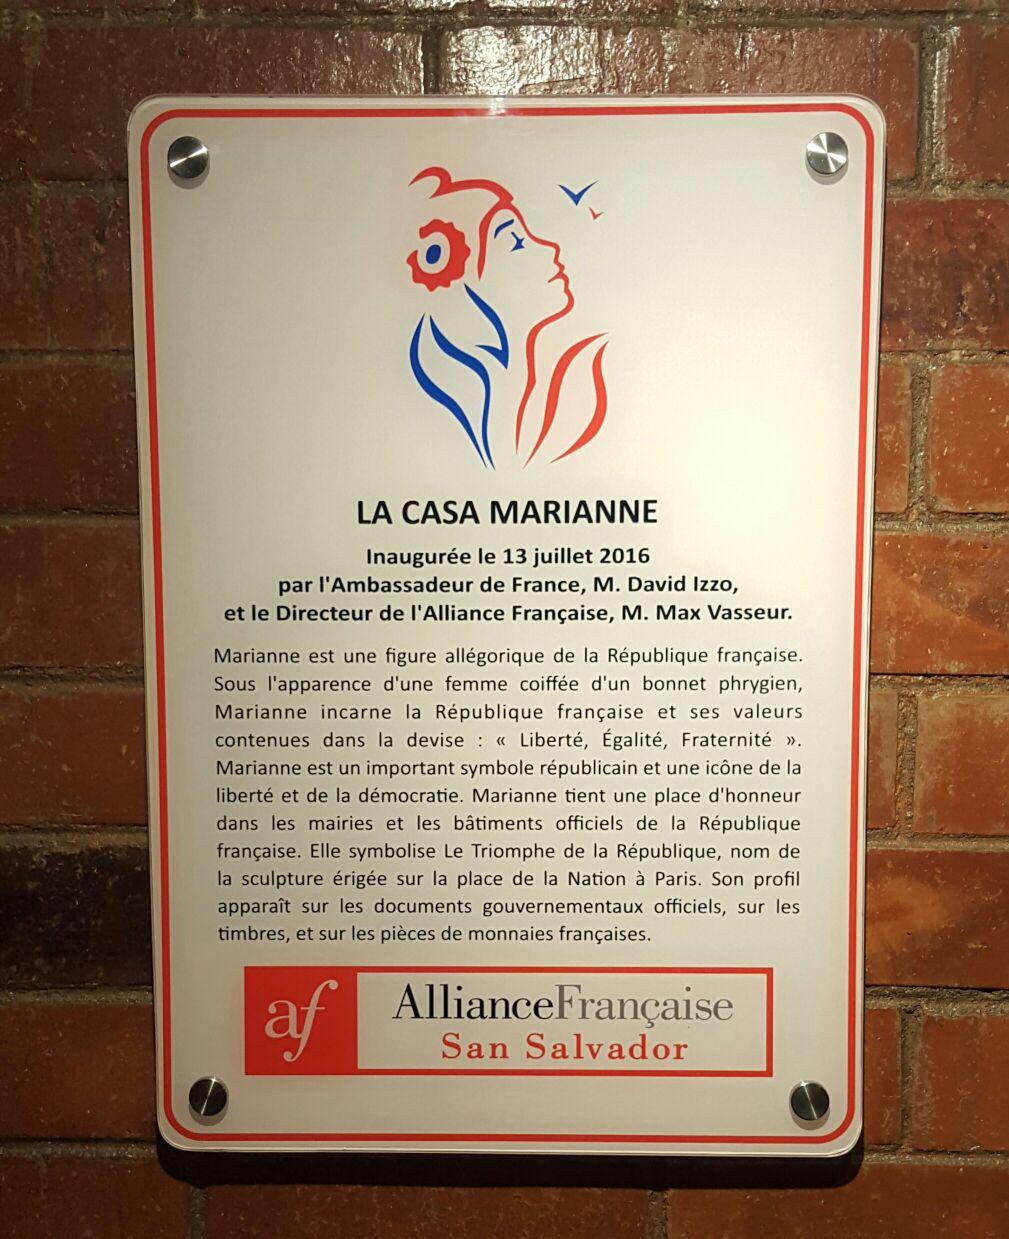 Bapt me de la maison marianne de l 39 alliance fran aise for La casa stupefacente progetta l australia